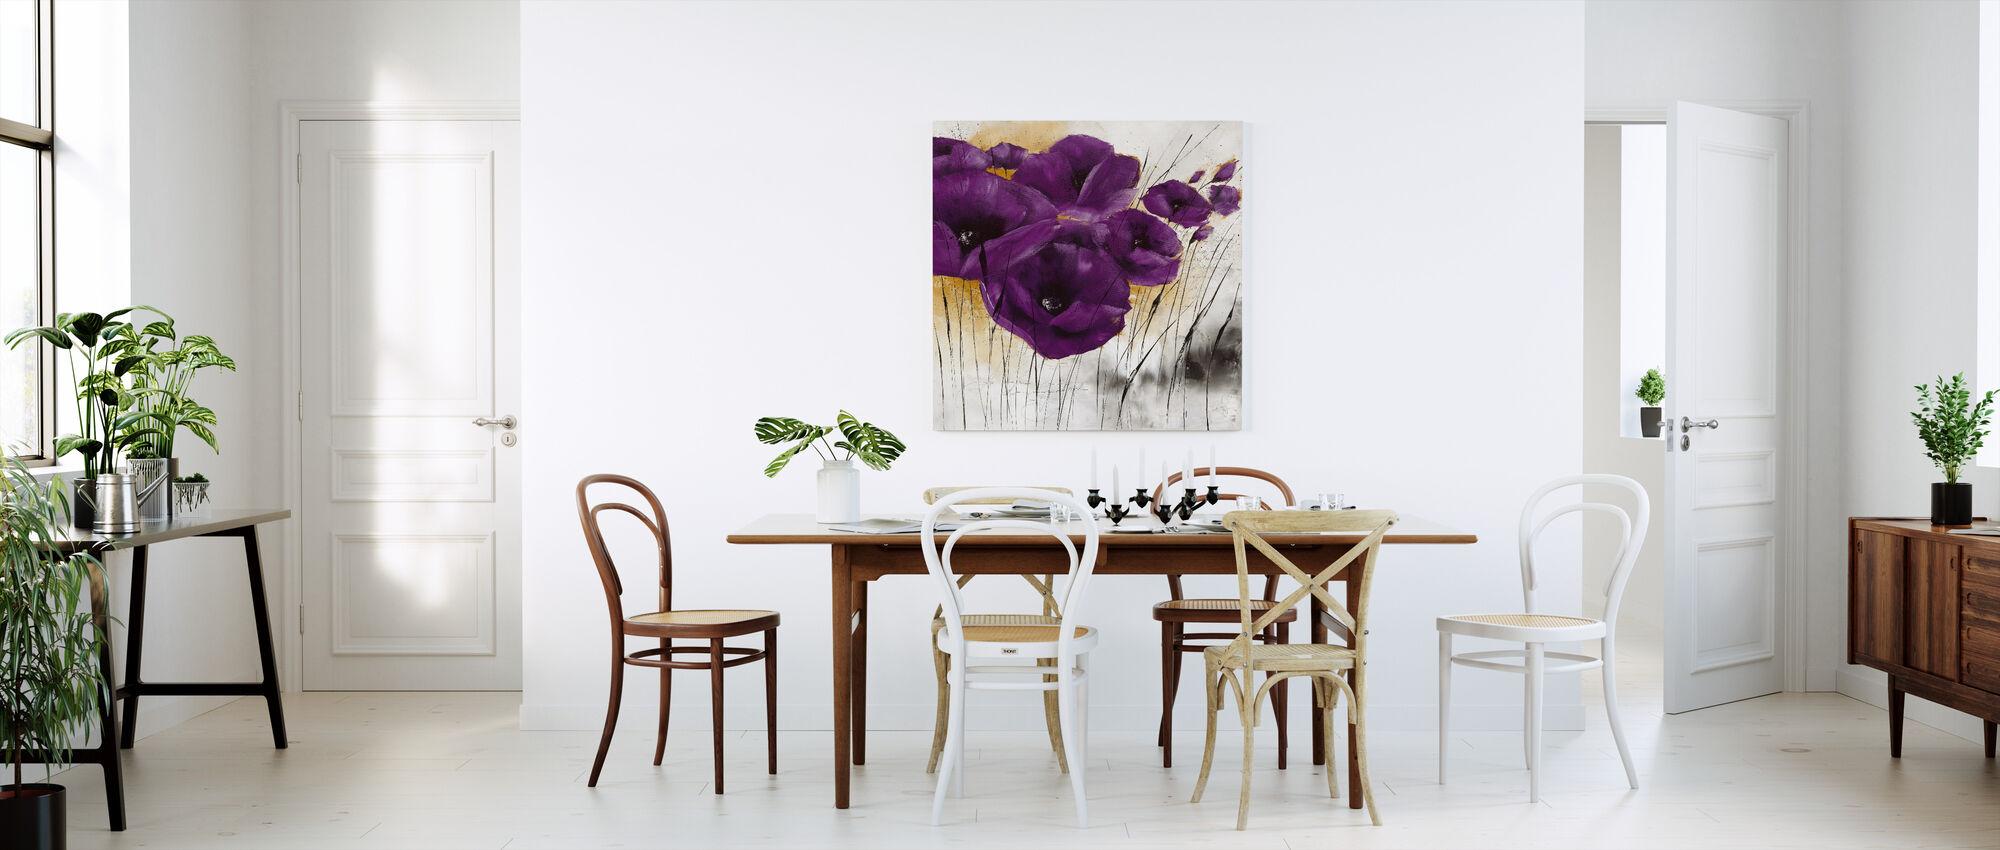 Pavot violet IV - Canvas print - Kitchen